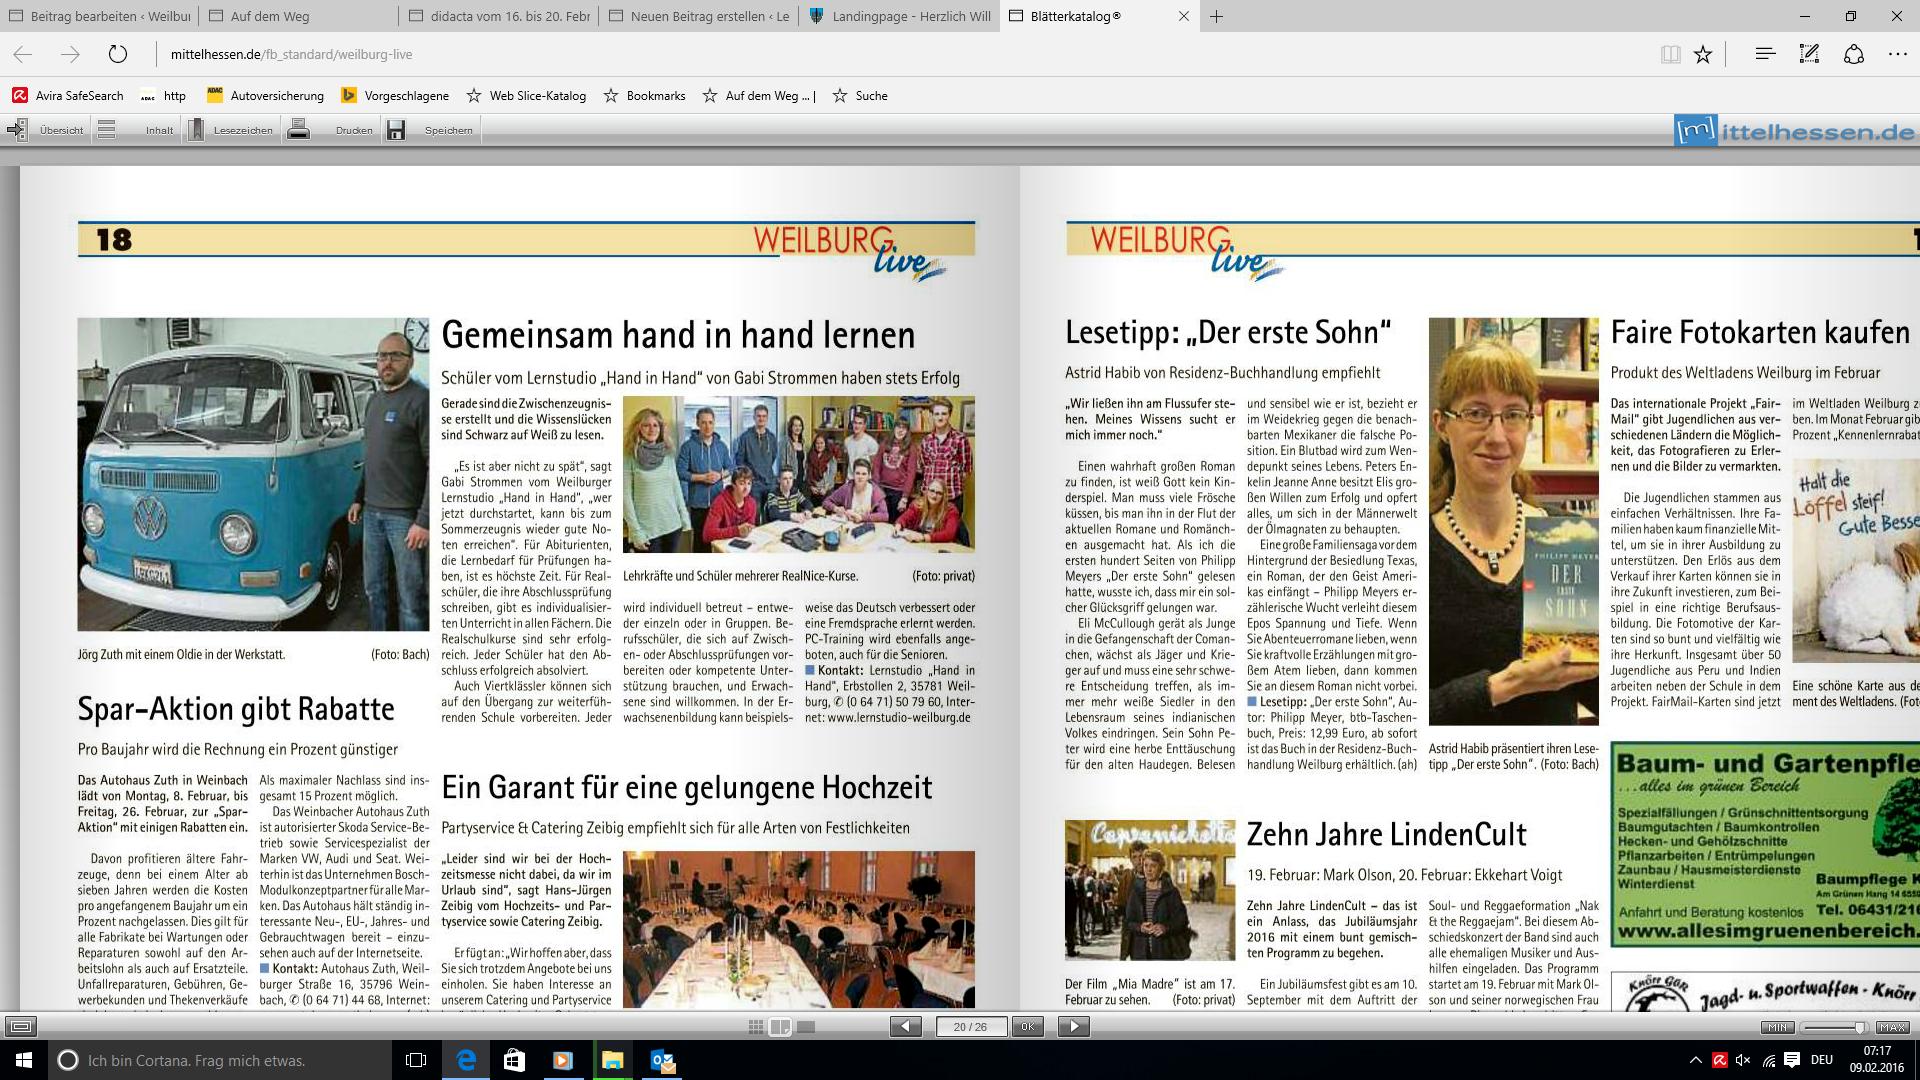 Weilburg live vom 6. Februar